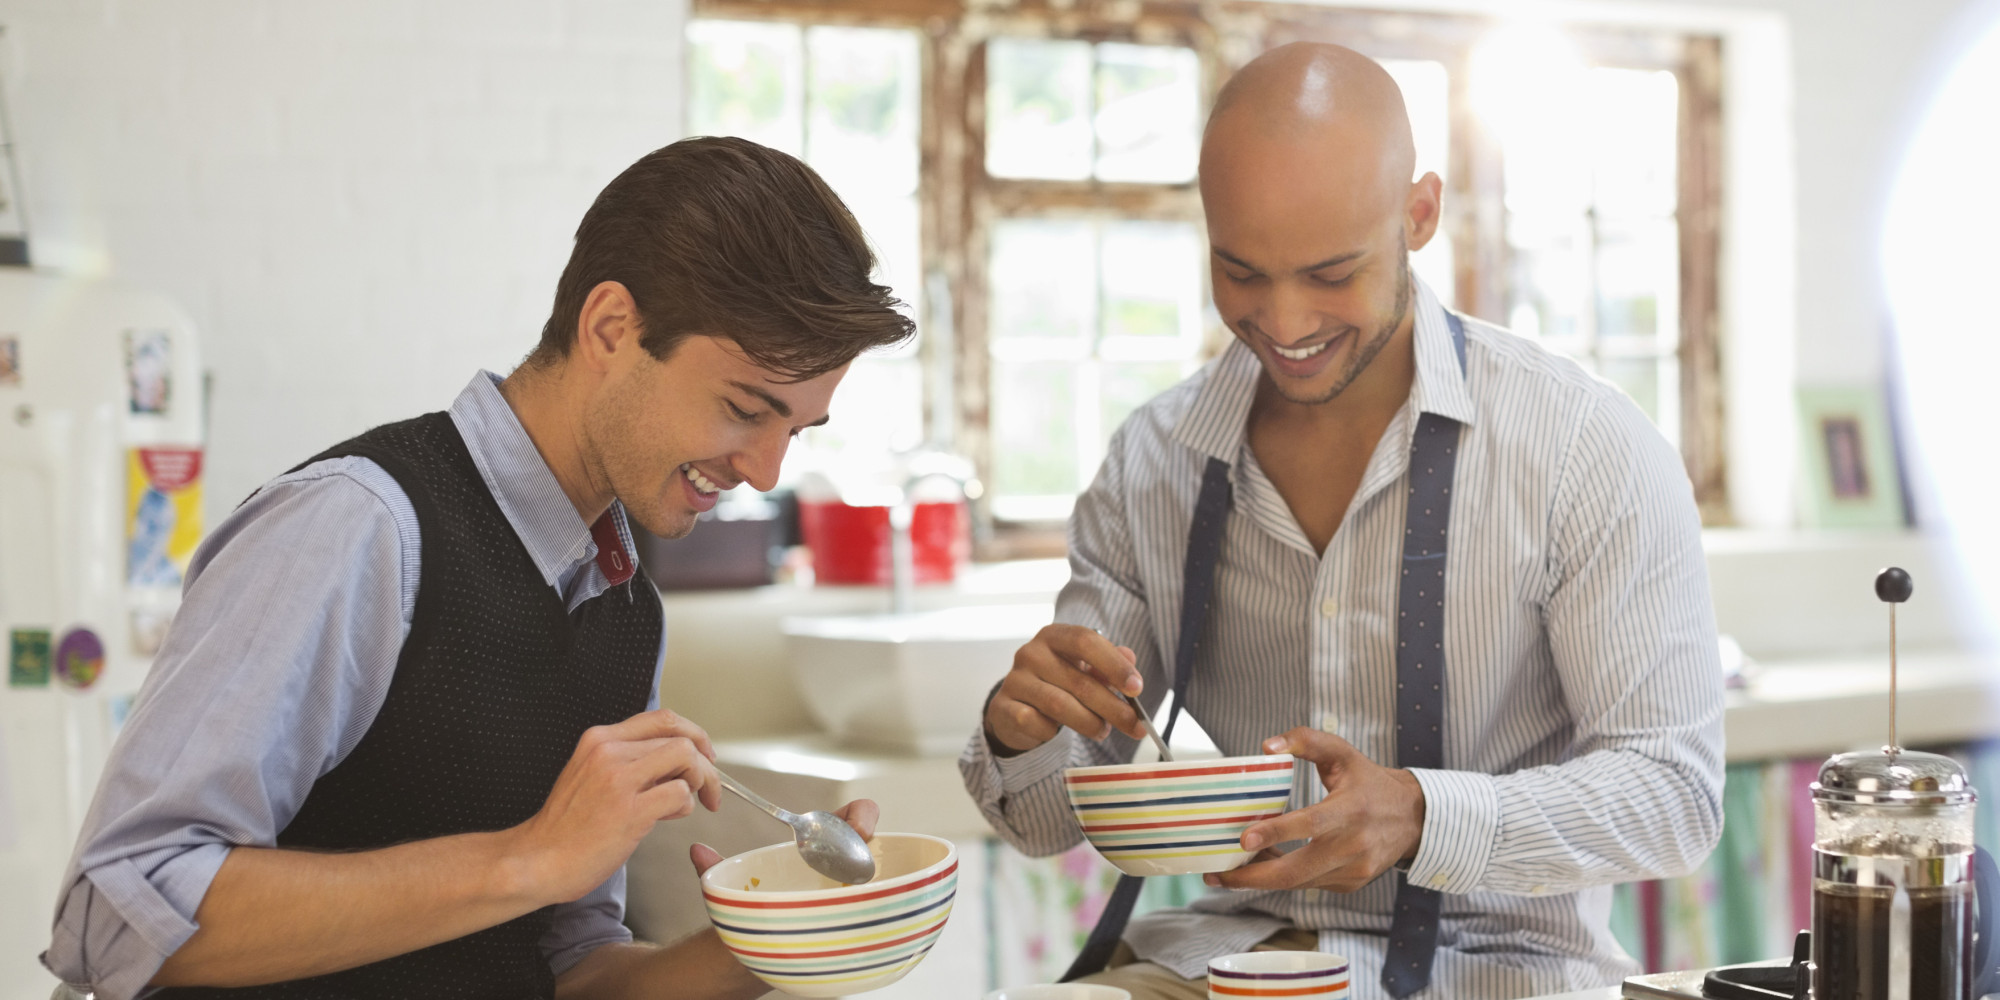 İlk Buluşmada Asla Yememeniz Gereken '7' Yiyecek